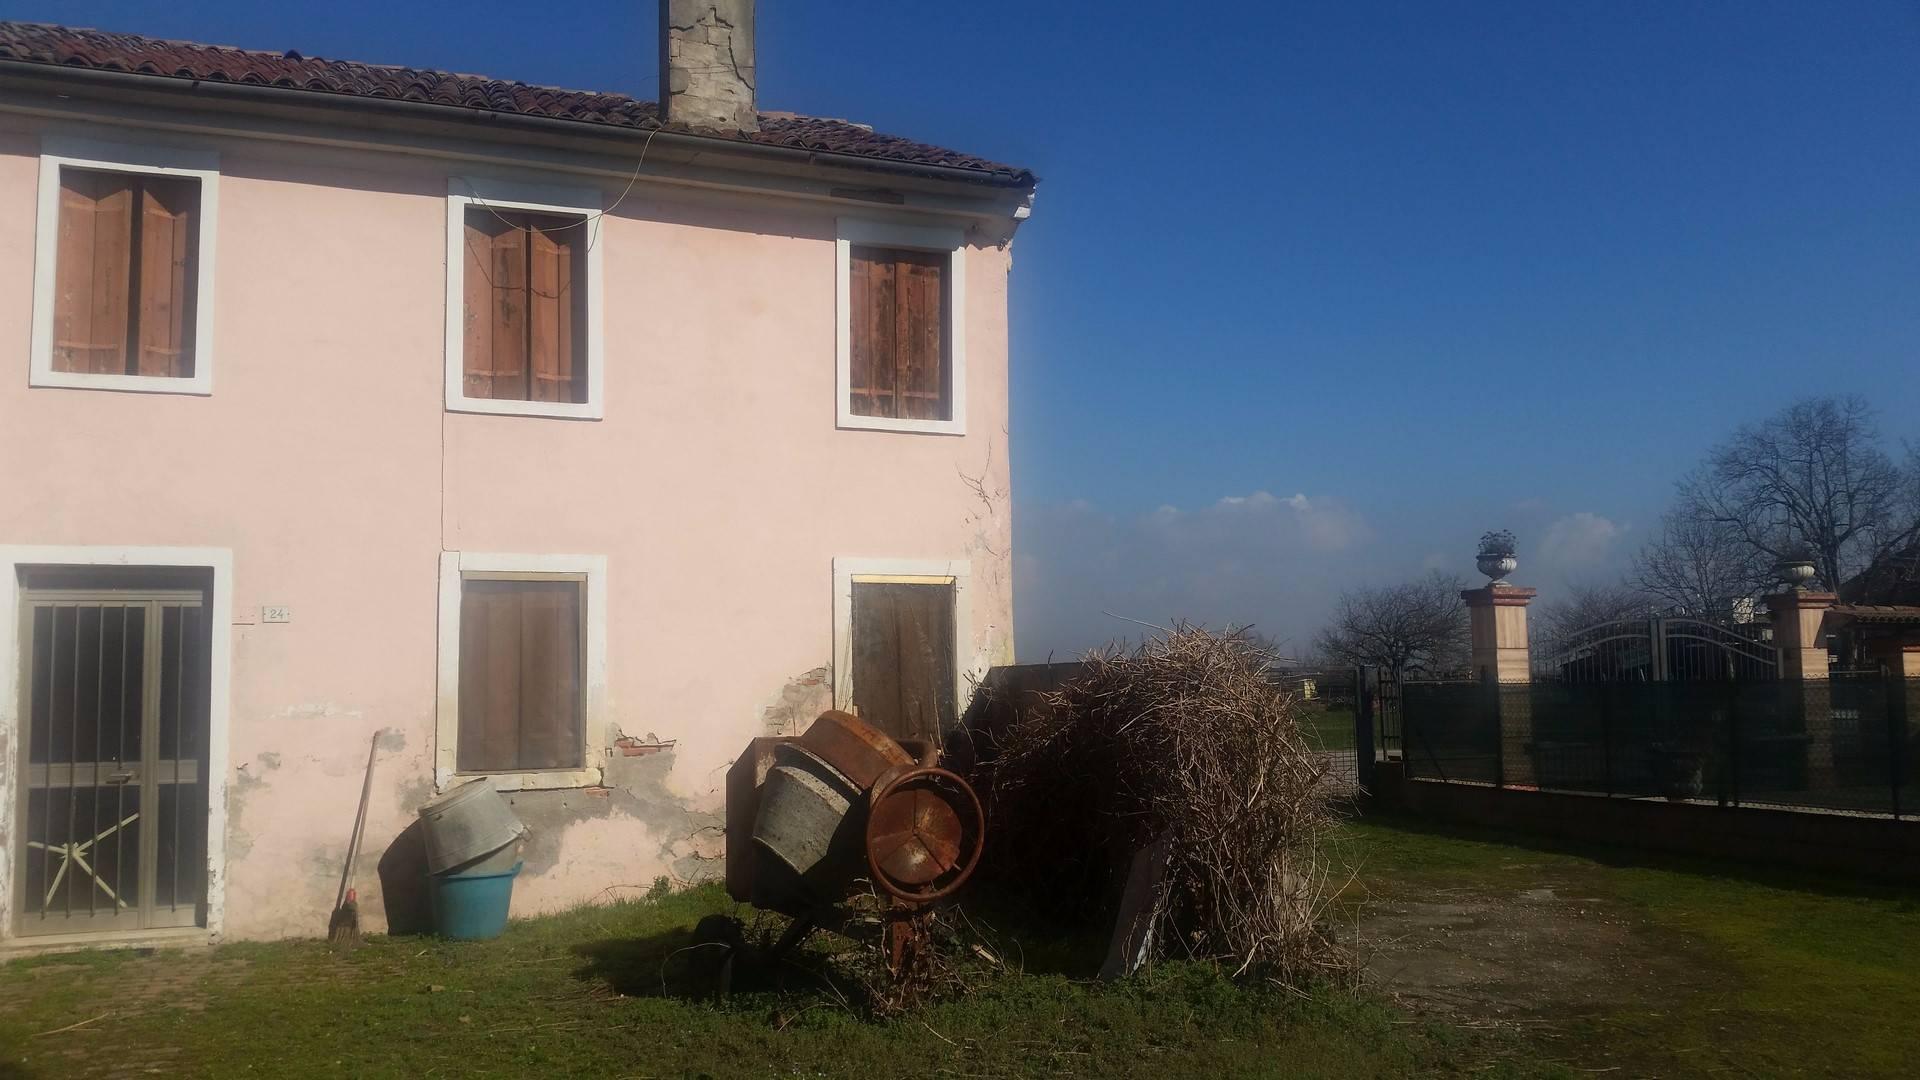 Rustico / Casale in vendita a Arcole, 7 locali, prezzo € 180.000 | CambioCasa.it